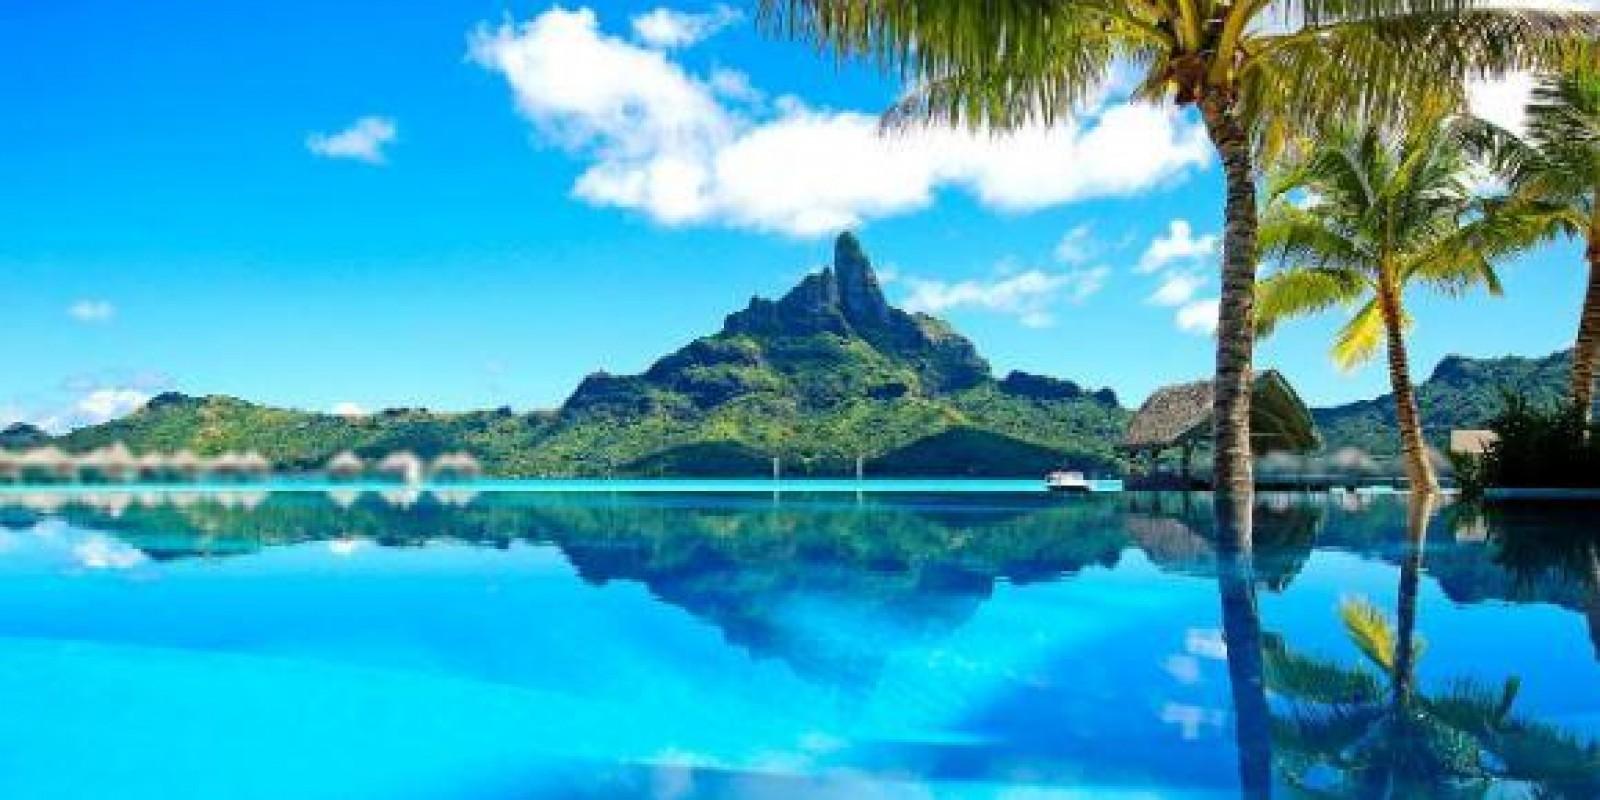 COVID-19: Companhia aérea deve providenciar retorno ao Brasil de casal em lua de mel na Polinésia Francesa